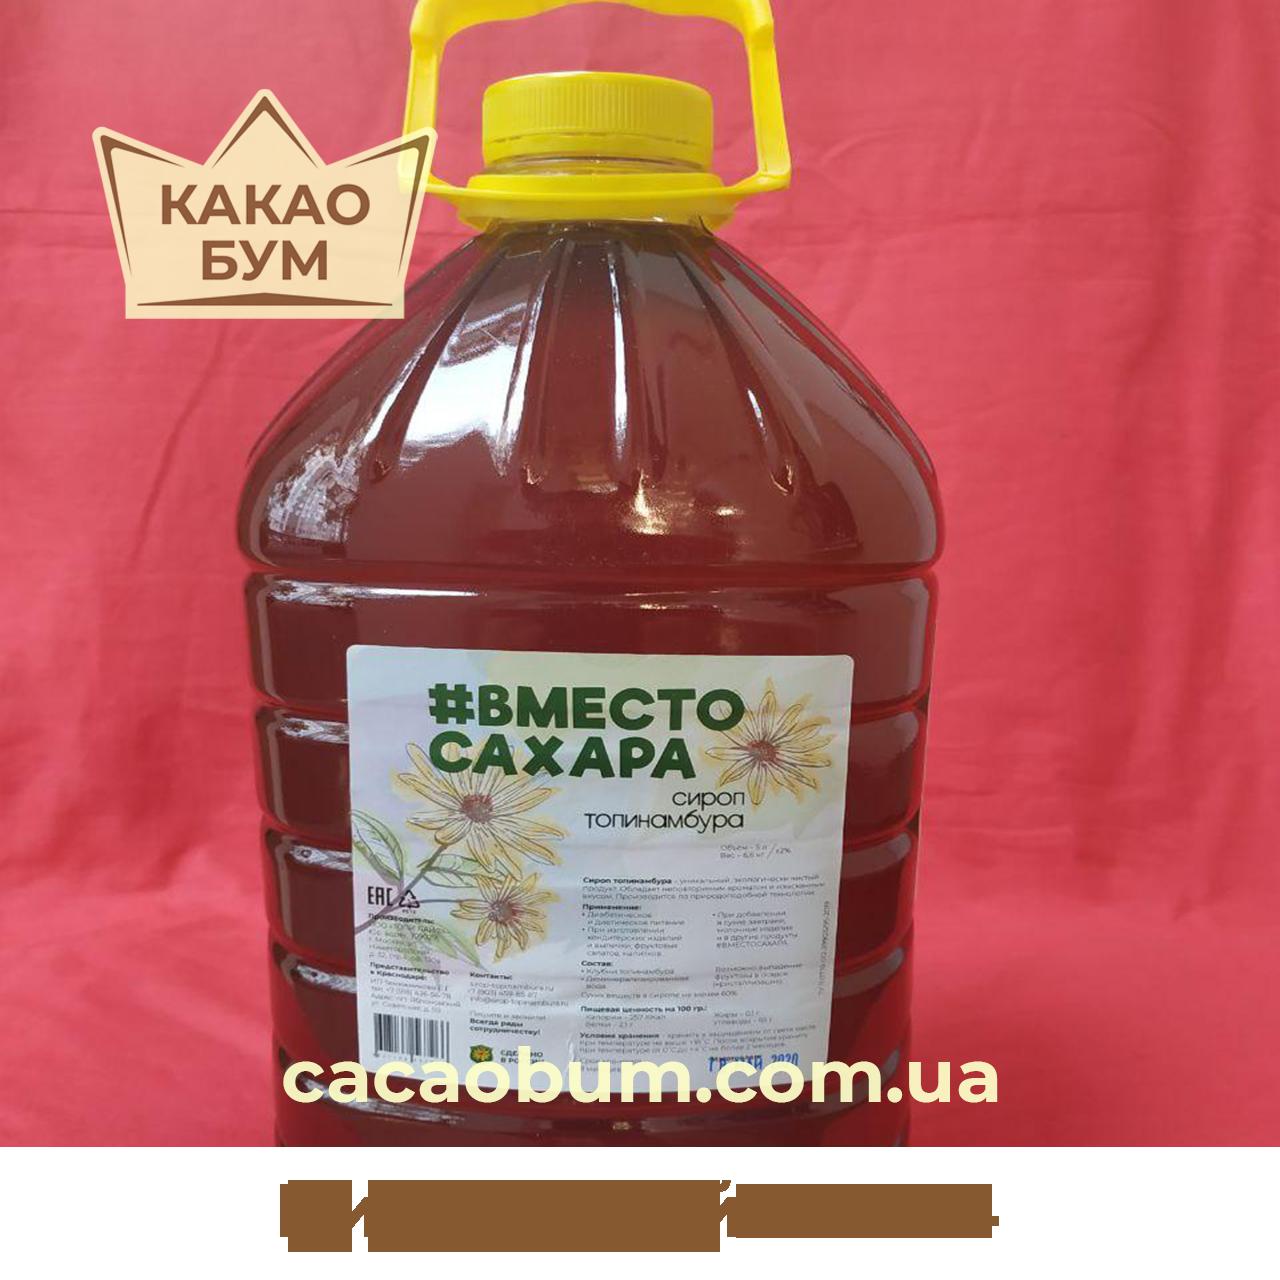 Сироп топинамбура - полезный без сахара, Россия, 360 г